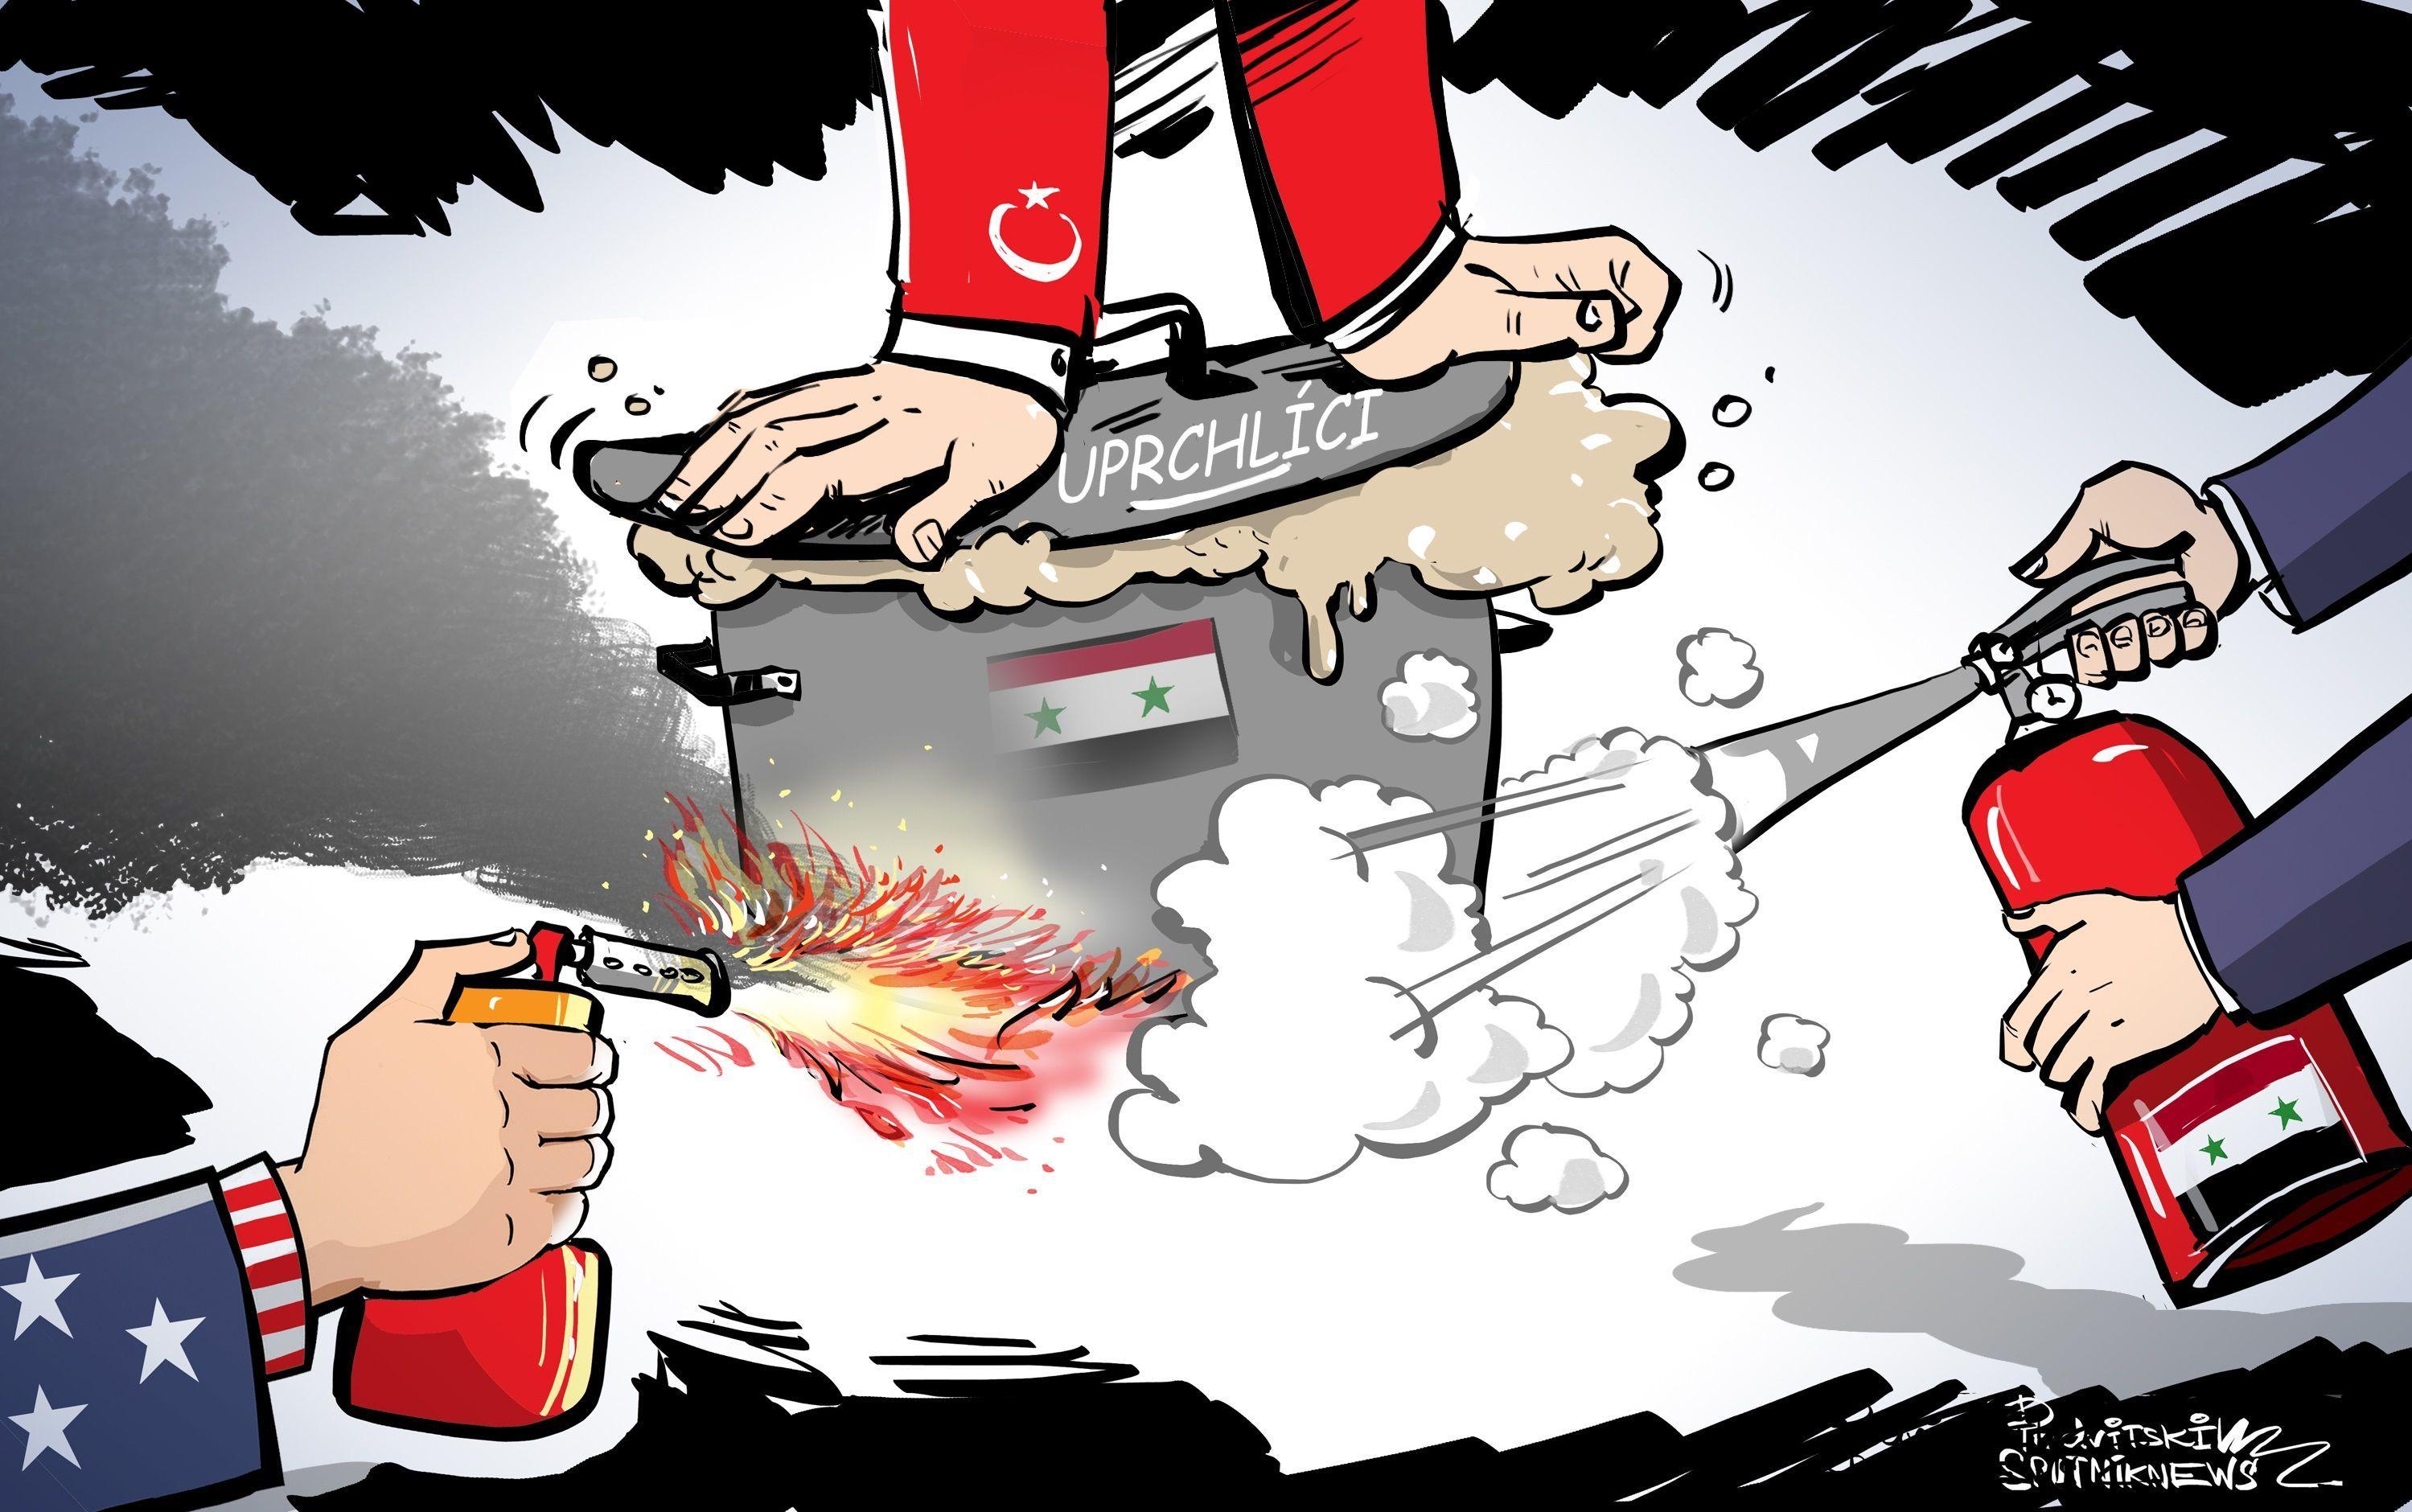 Syrská vládo, hurá do politiky!